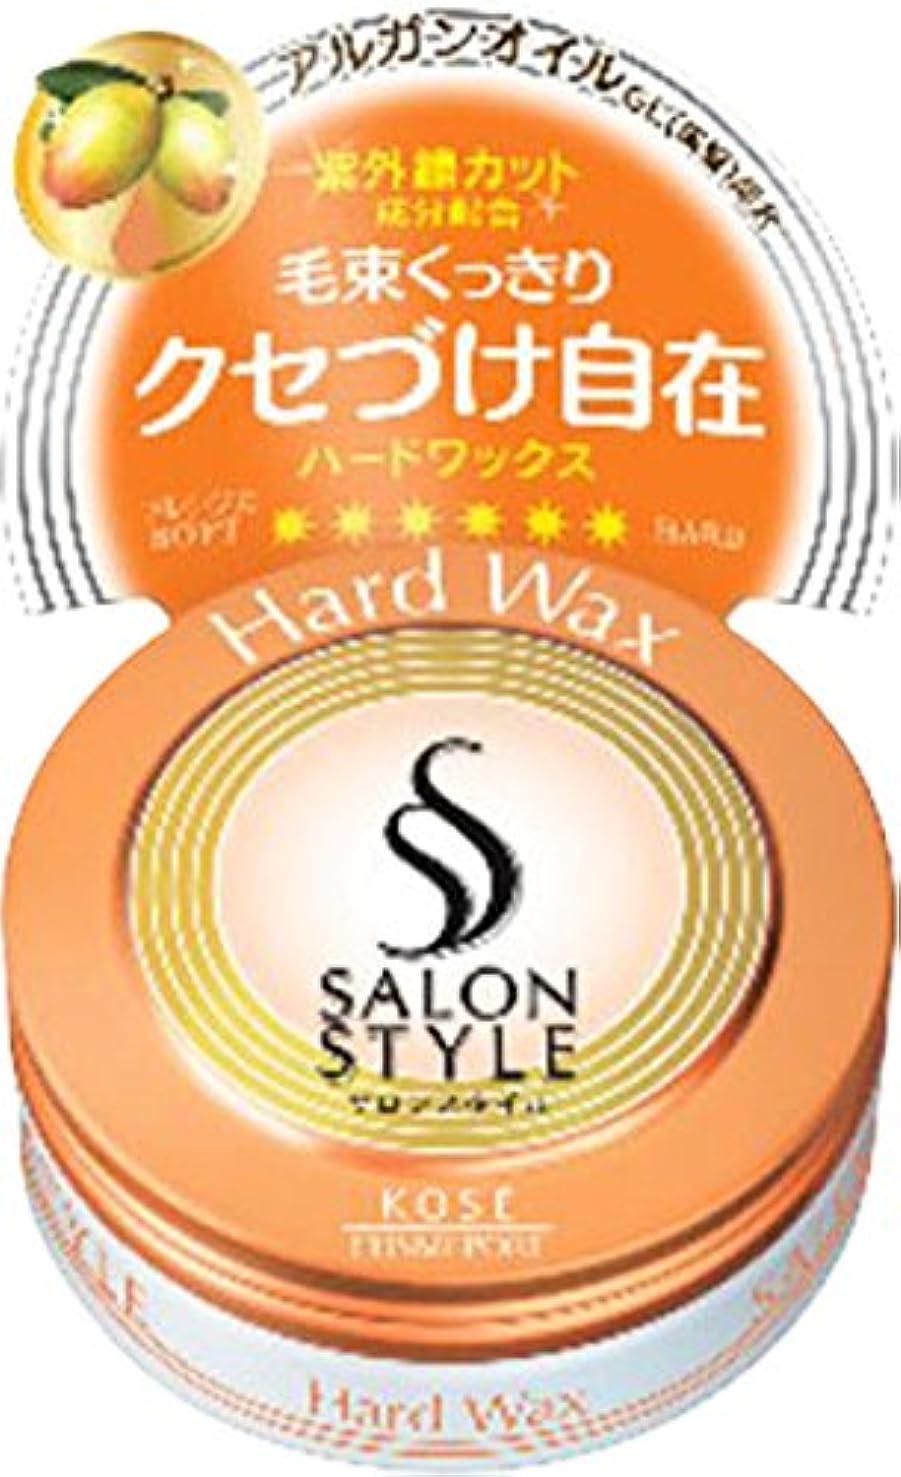 コーデリア精神日光KOSE コーセー SALON STYLE(サロンスタイル) ヘアワックスC ハード ミニ 23g